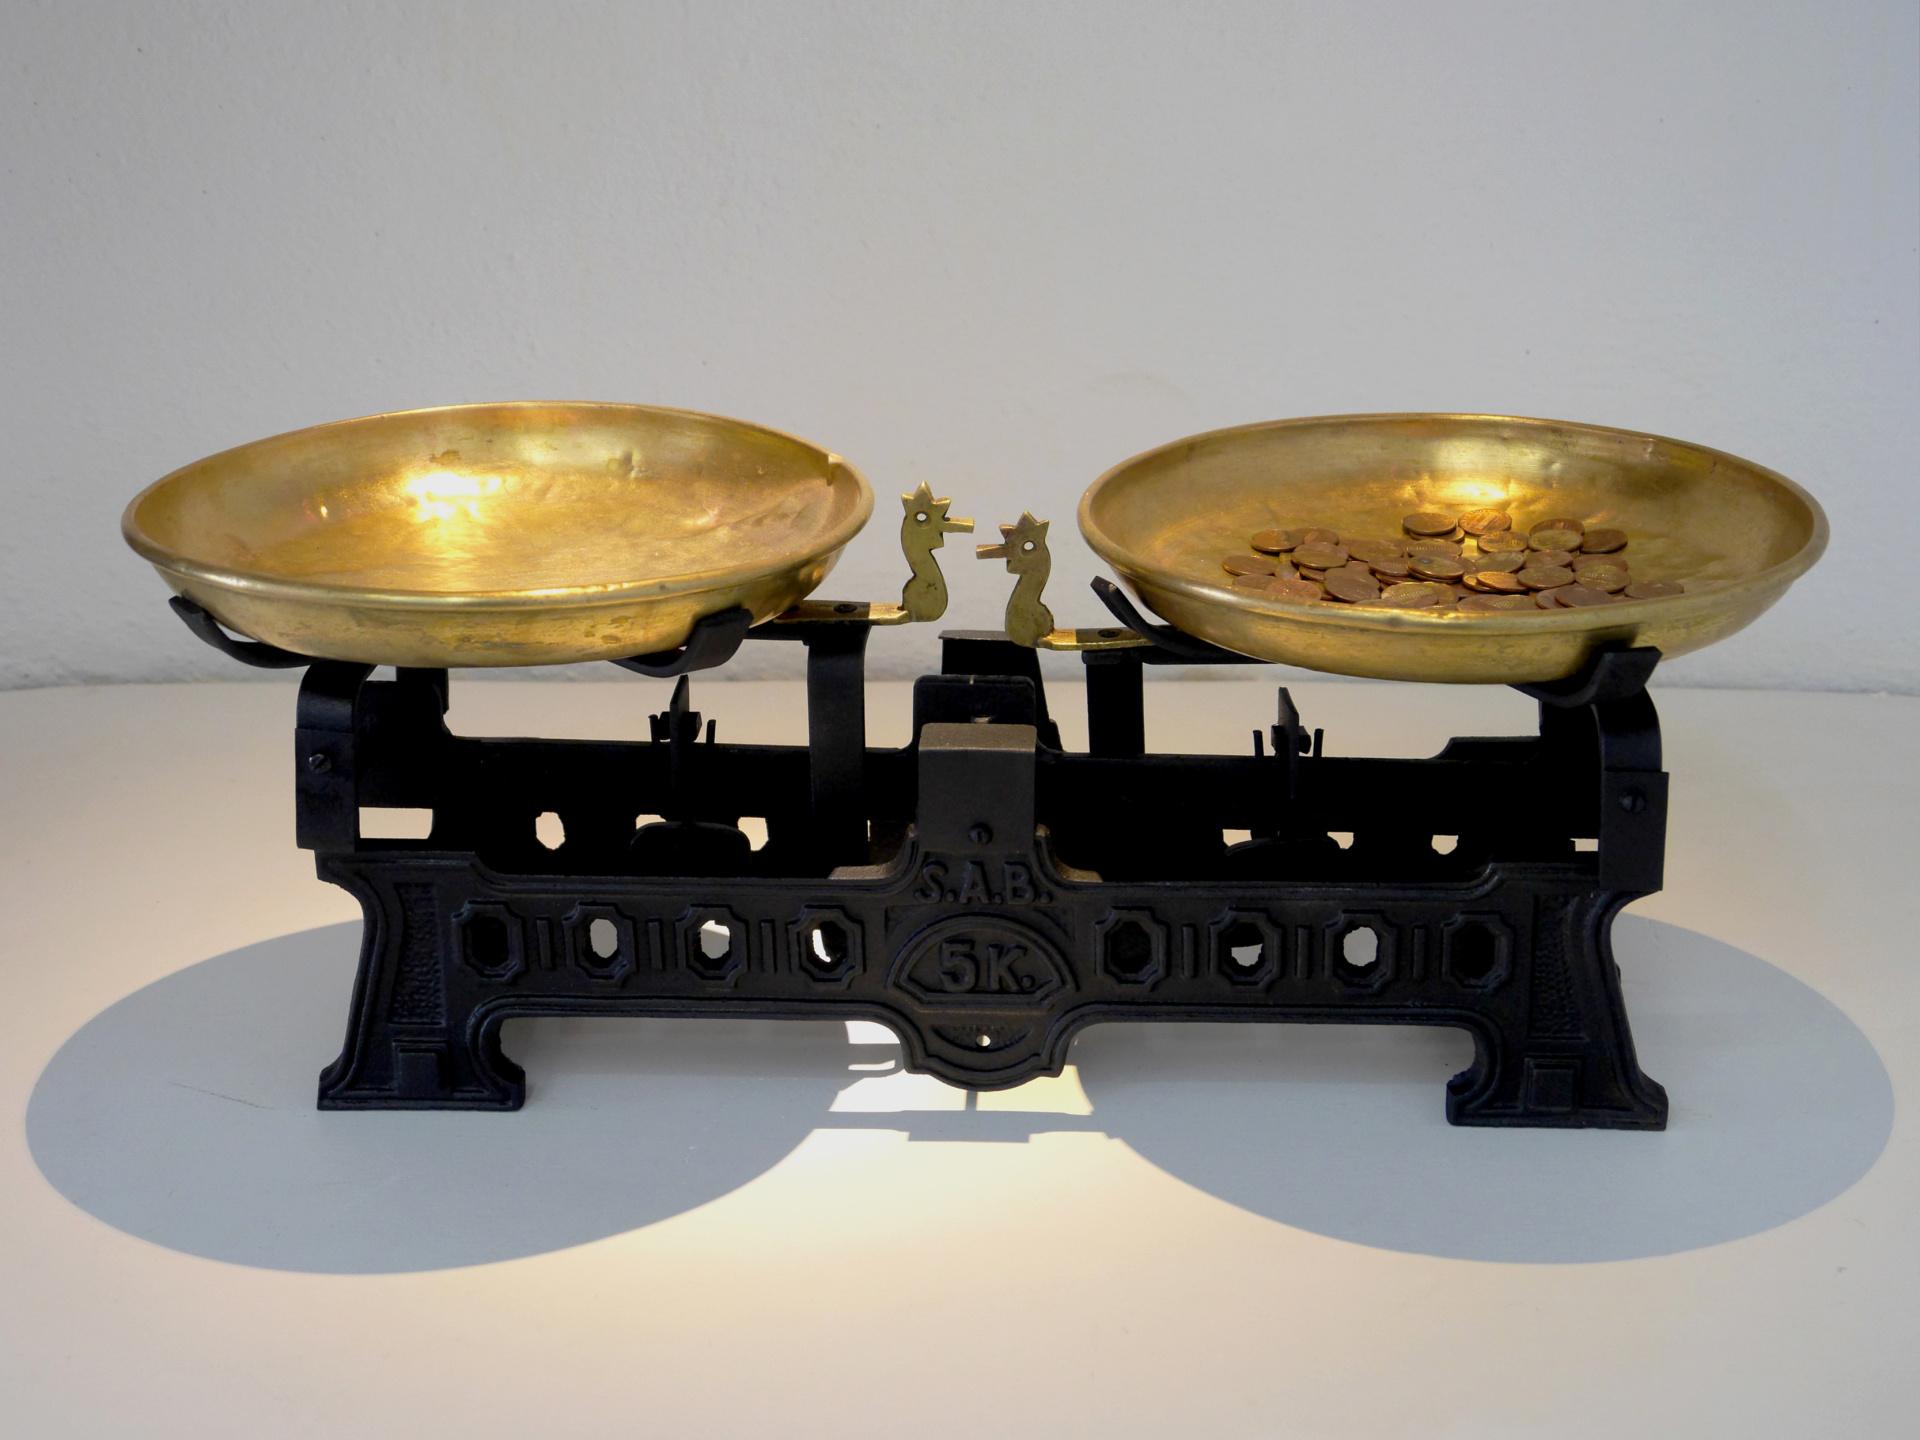 1:1. Báscula de hierro y latón y 99 monedas fundidas y reacuñadas (réplicas de centavo de dólar). 20x51x23 cm. 2008